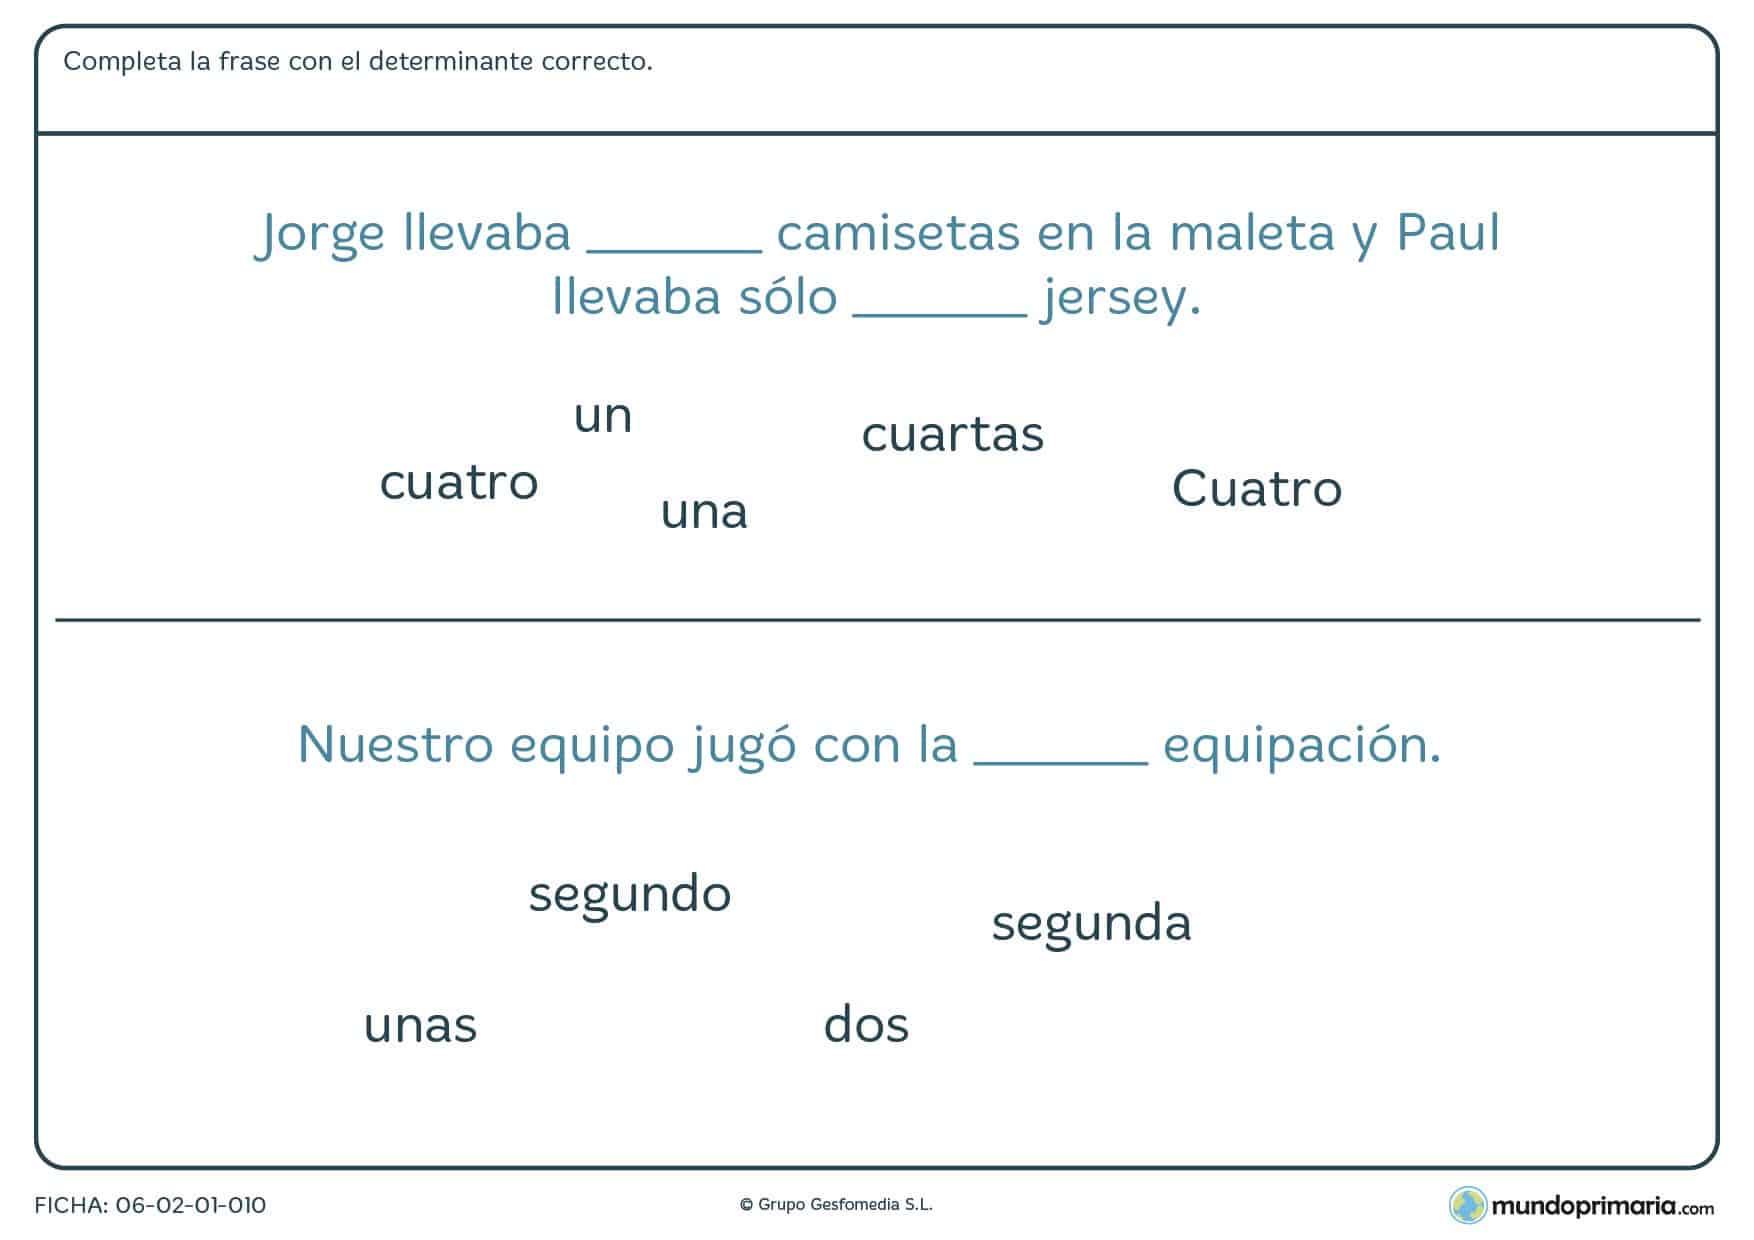 Ficha de seleccionar el determinante correcto para cada frase